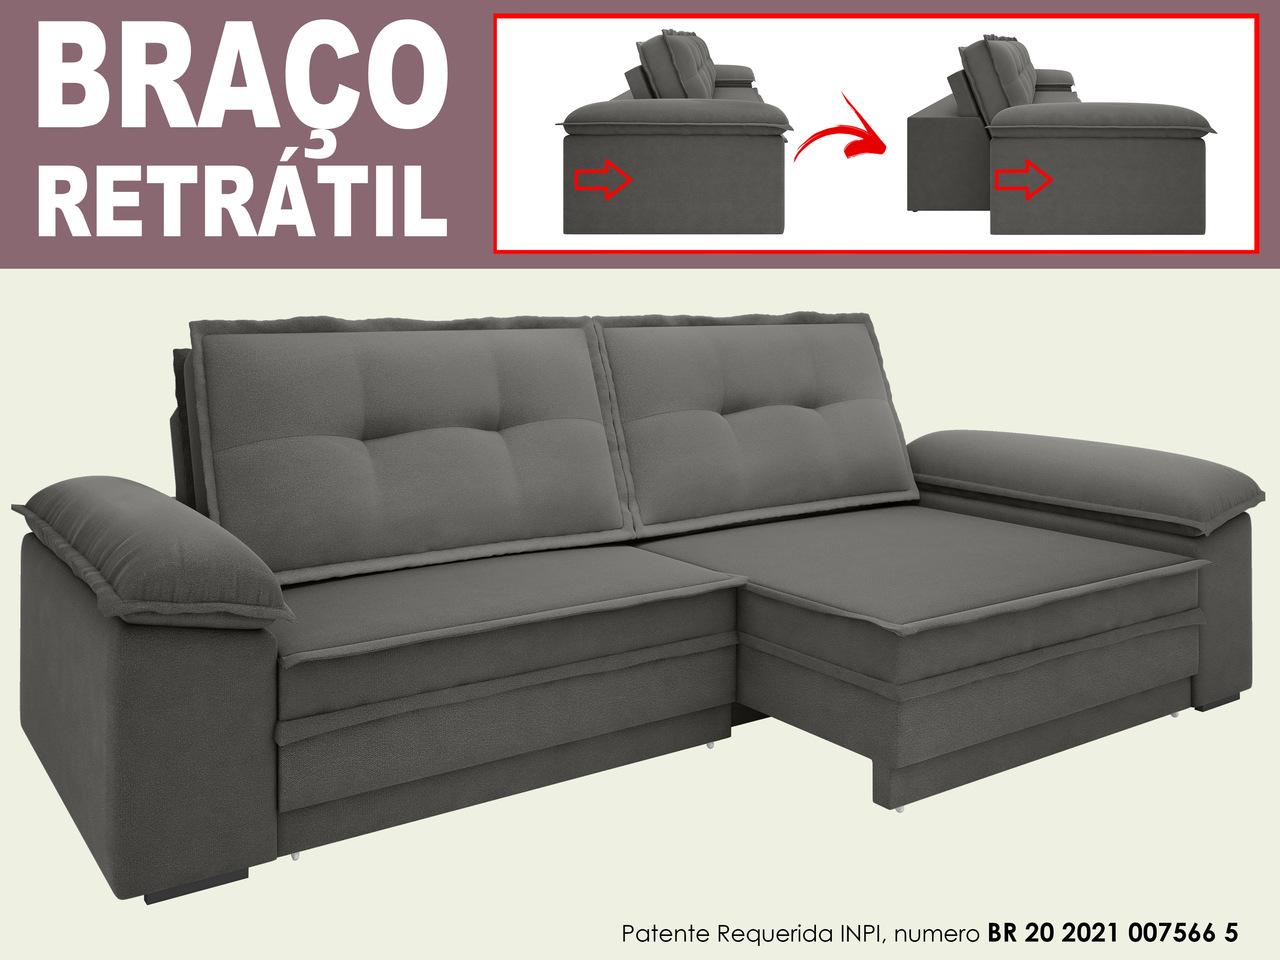 Sofá Luxor 2,90m Assento com Braço Retrátil e Reclinável Velosuede - NETSOFAS